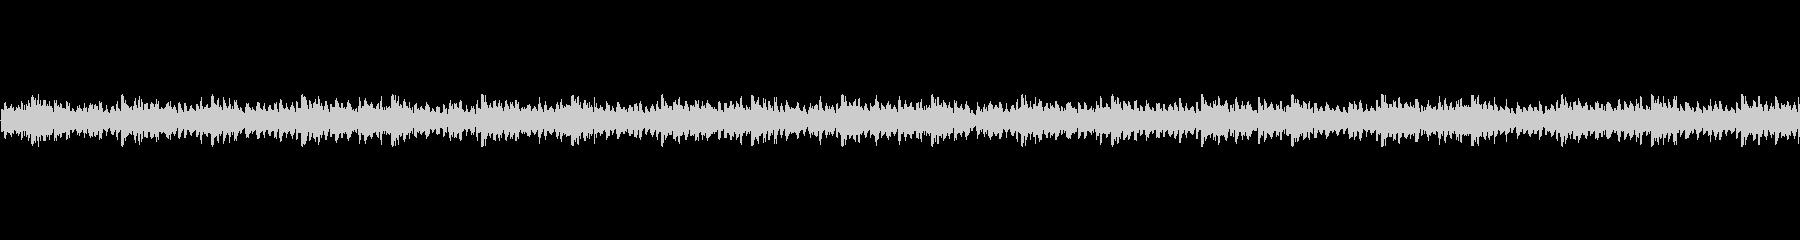 「ループ音源シリーズ」古色蒼然とし鬱蒼…の未再生の波形